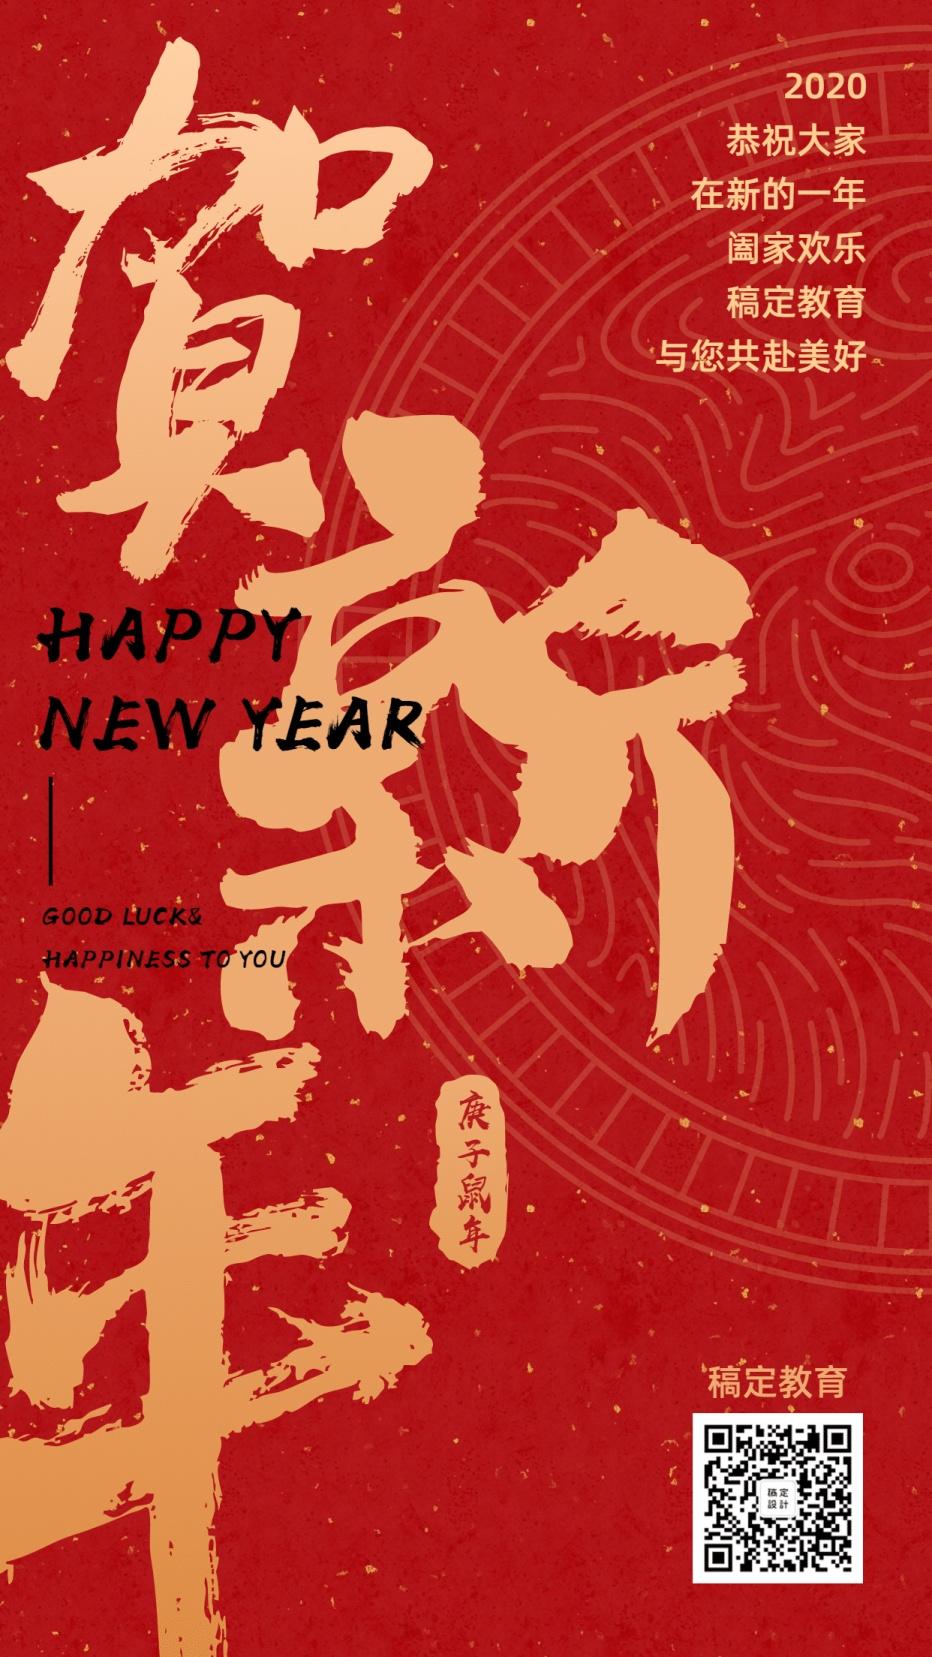 春节/贺新年/红金大字/手机海报